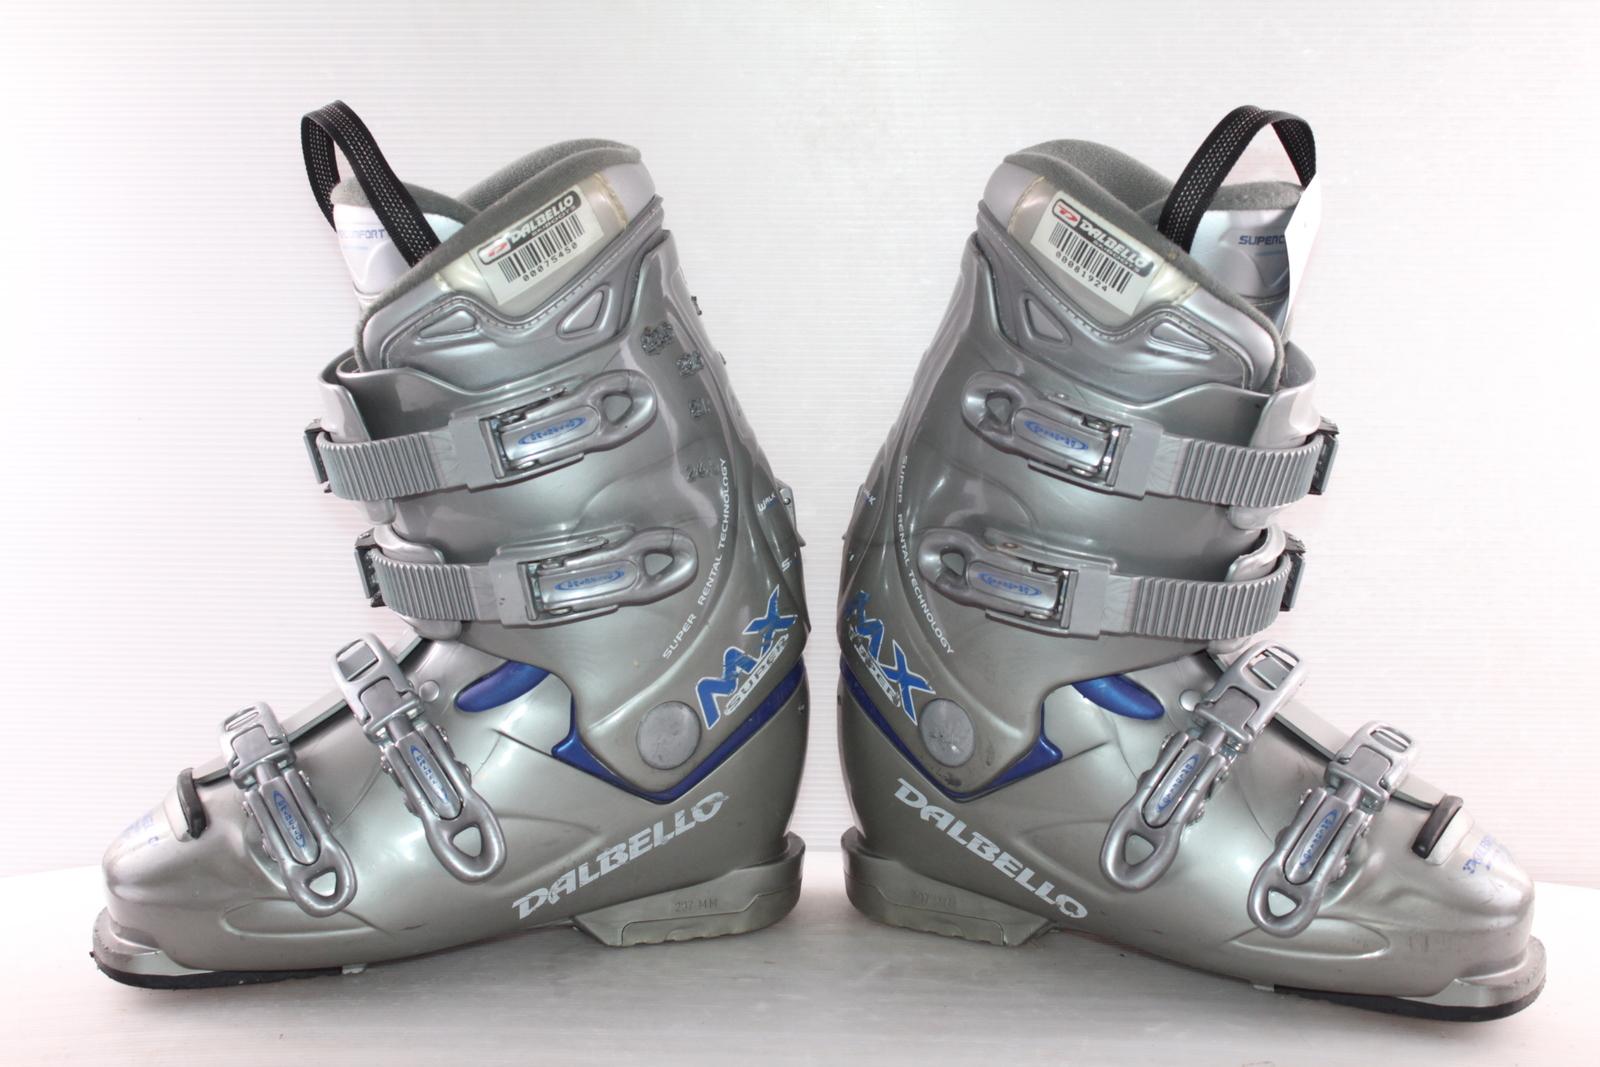 Lyžařské boty Dalbello MX super vel. EU40.5 flexe 70